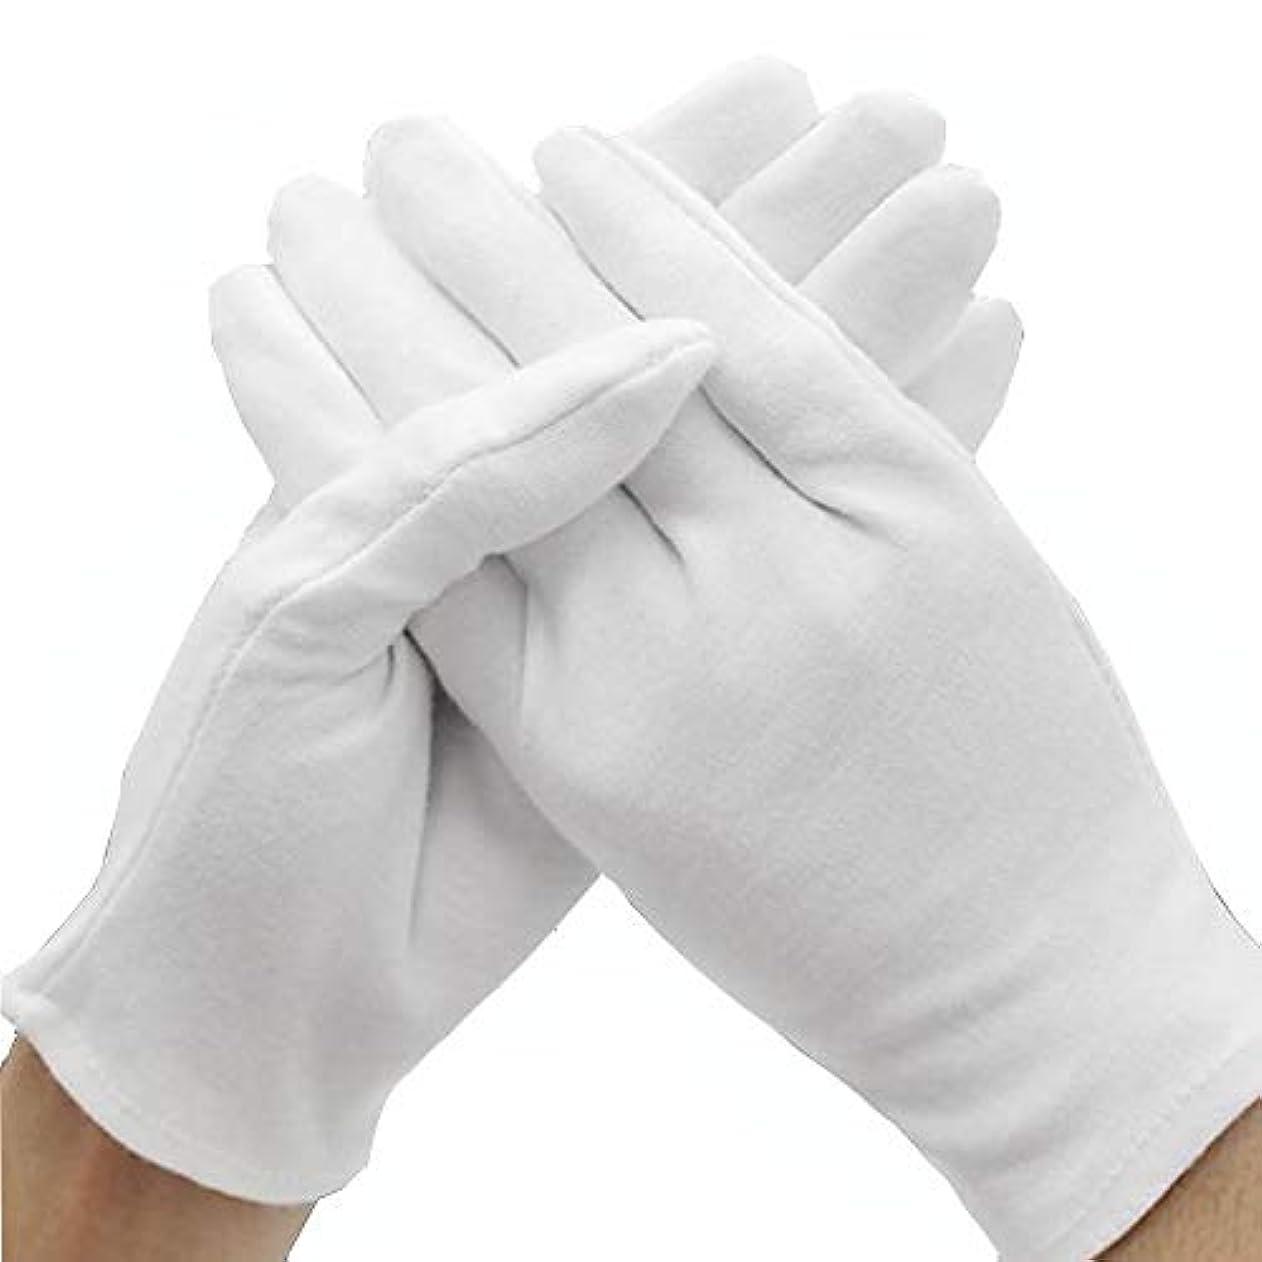 代表団かけがえのない促すLezej インナーコットン手袋 白い手袋 綿手袋 衛生手袋 コットン手袋 ガーデニング用手袋 作業手袋 健康的な手袋 環境保護用手袋(12組) (XL)